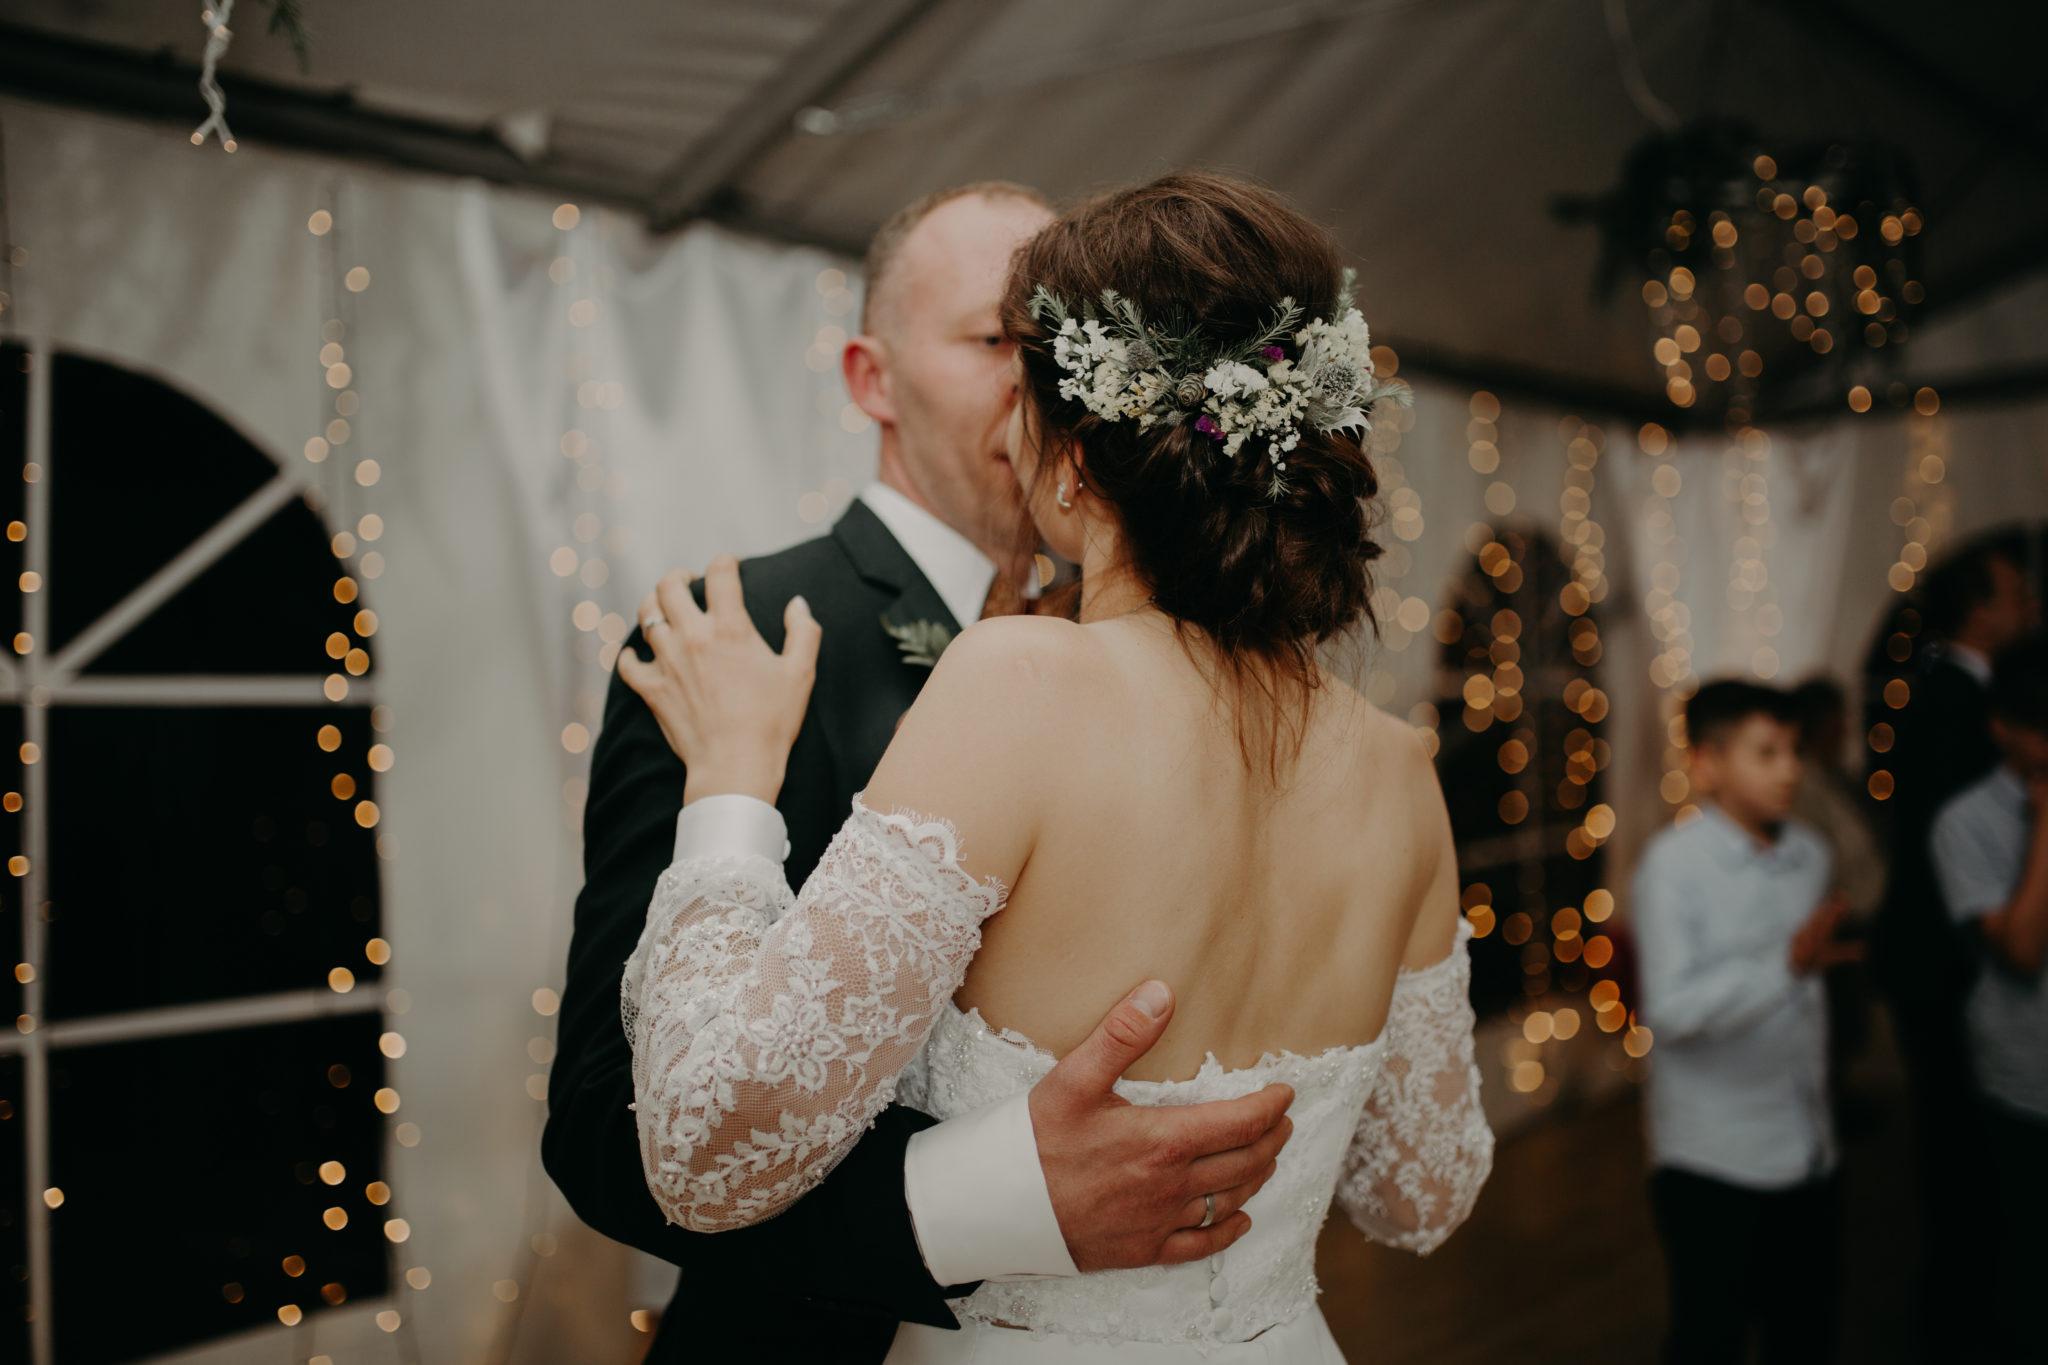 gosia i kuba109 - fotografiagk Fotografia ślubna RK wedding